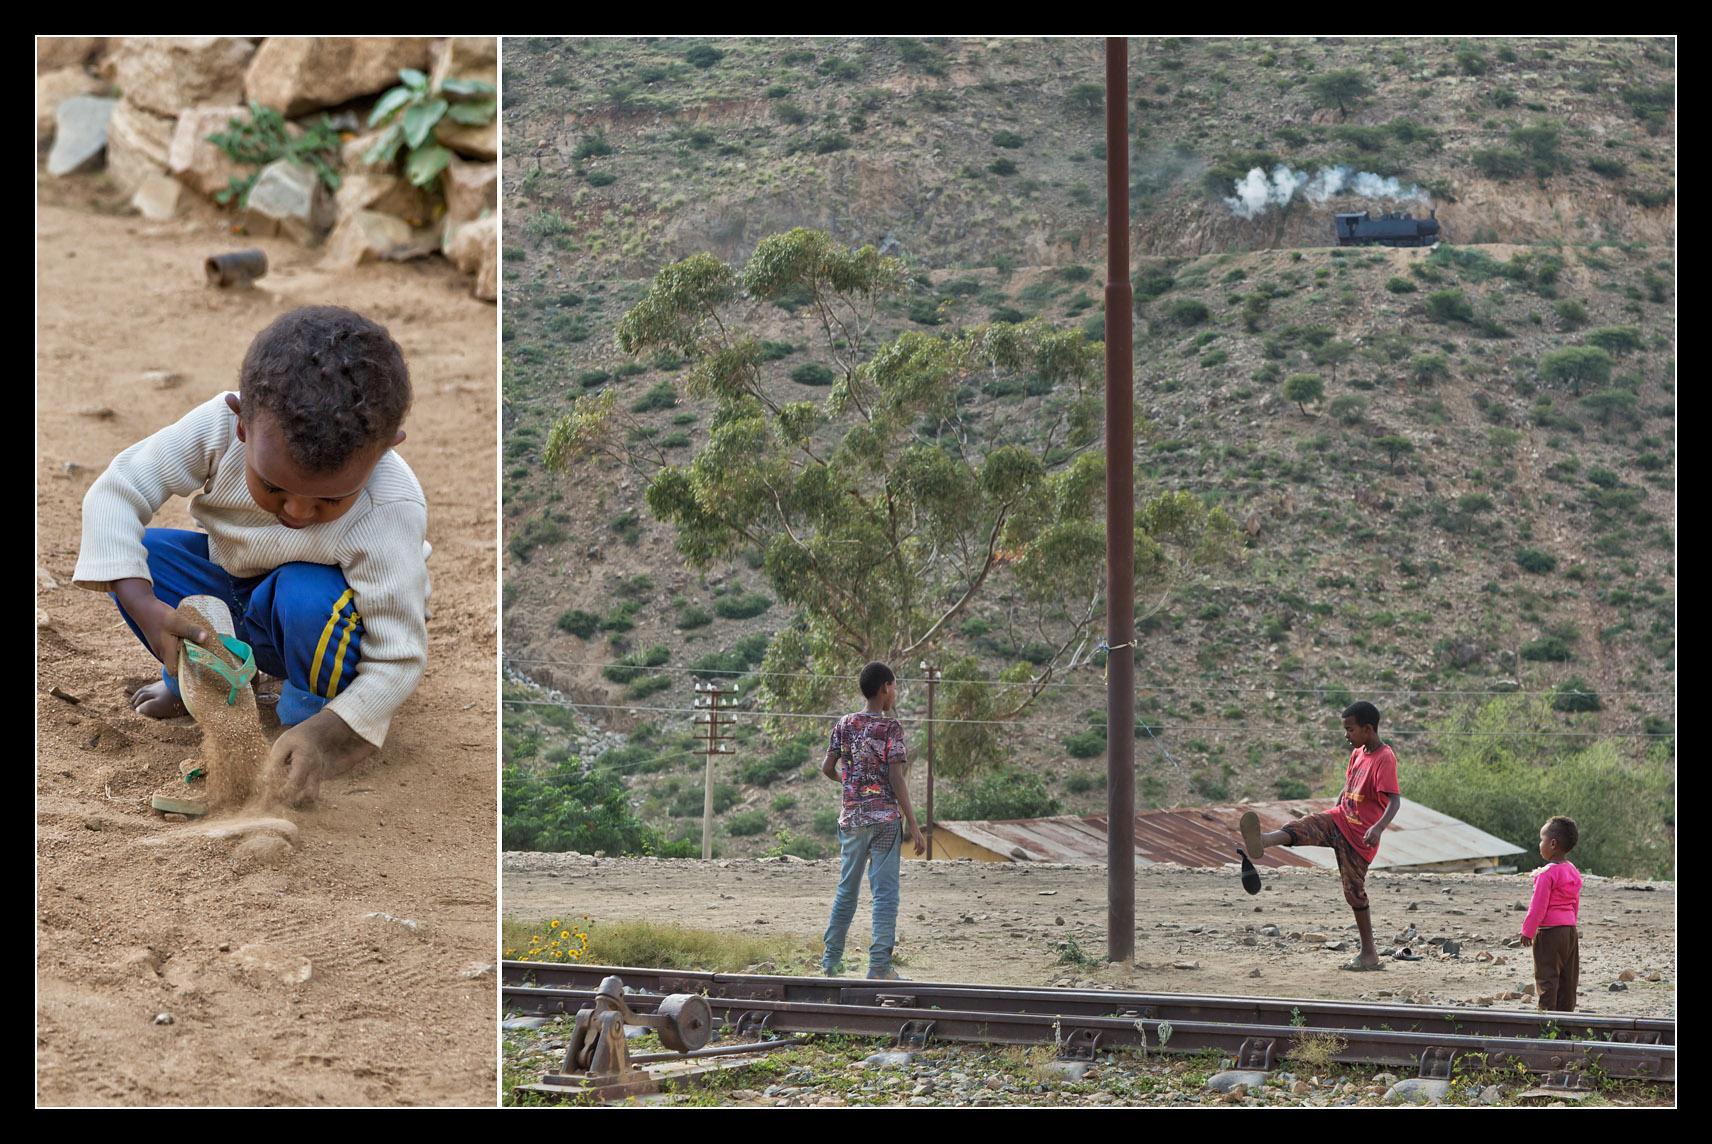 http://raildata.info/eritrea18/eri0747.jpg